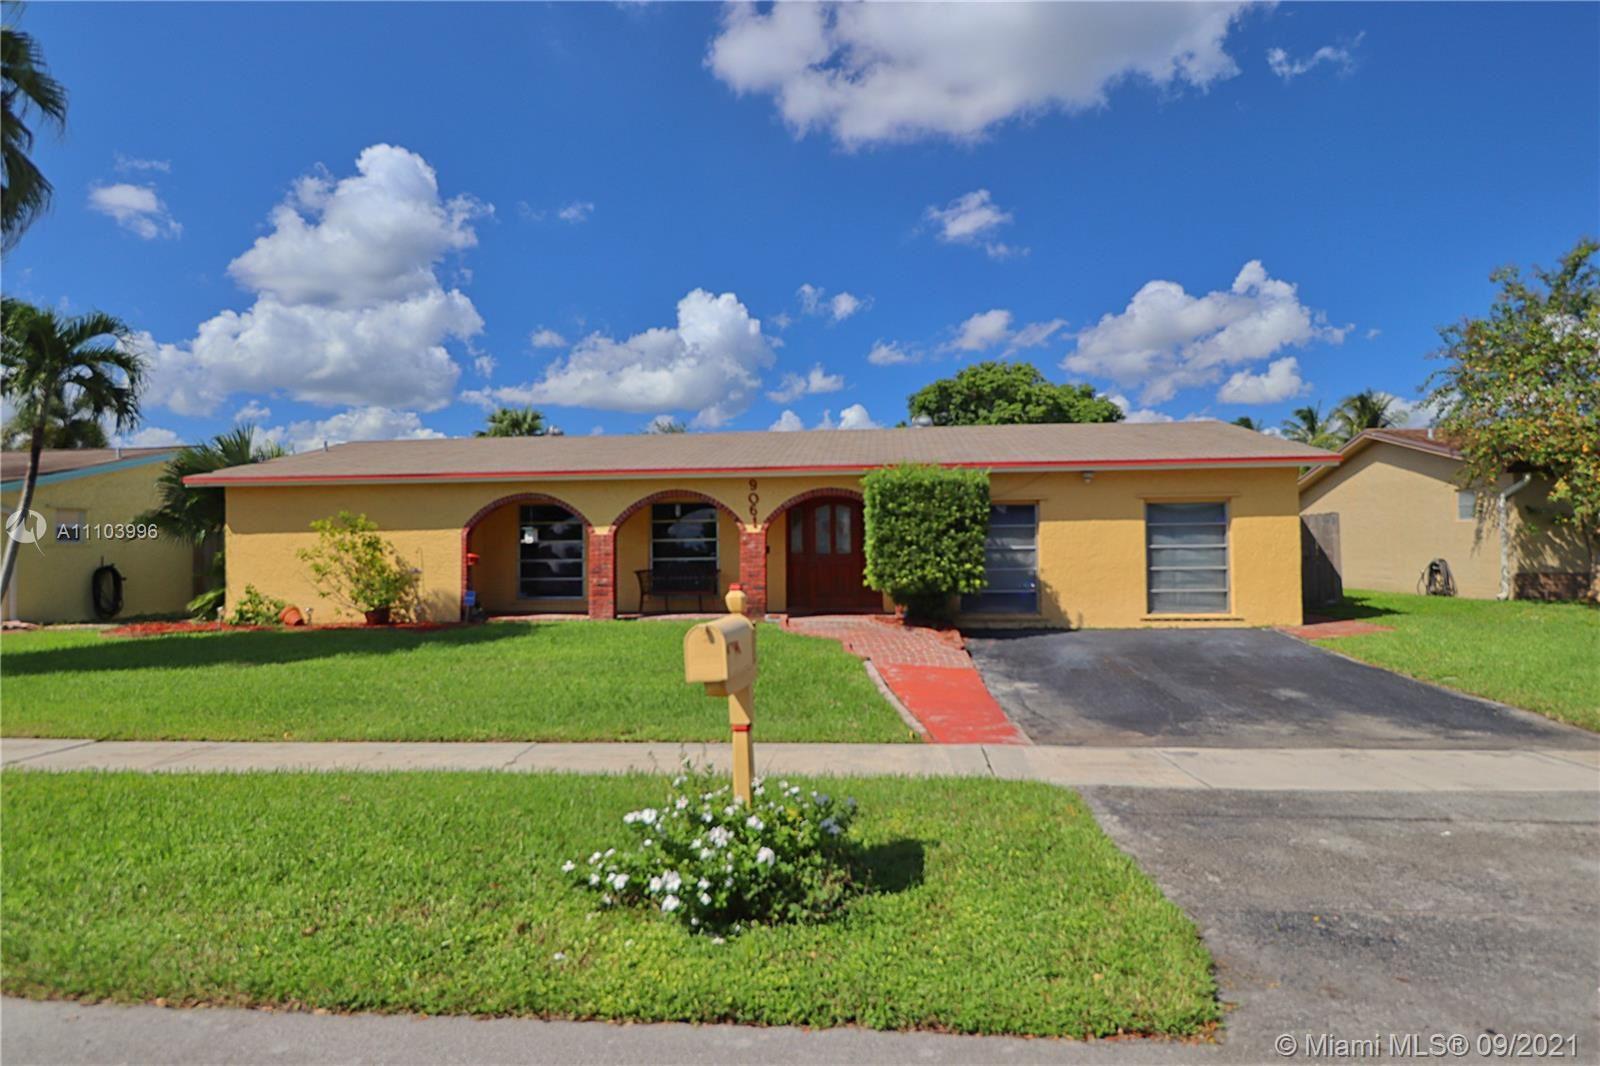 9061 NW 12th Ct, Pembroke Pines, FL 33024 - #: A11103996